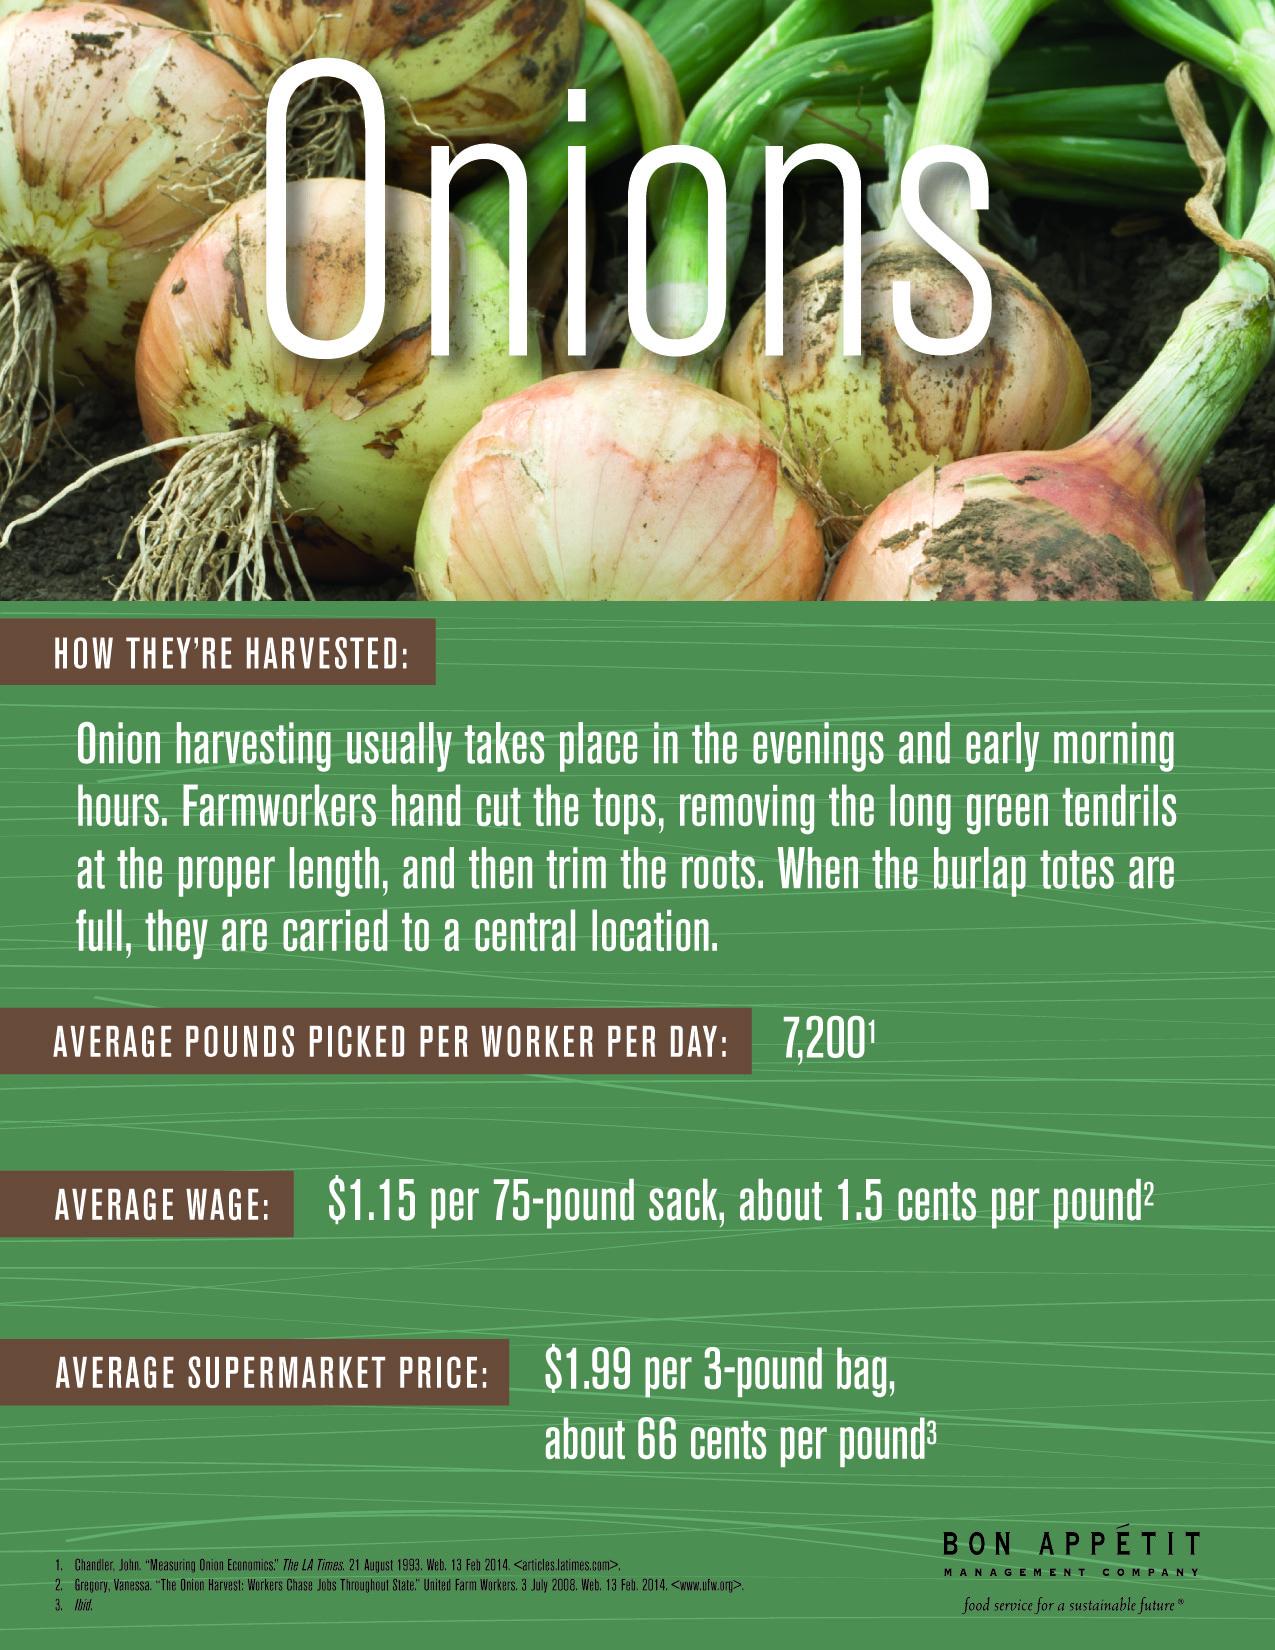 14-4621TableMini-Onions3.jpg